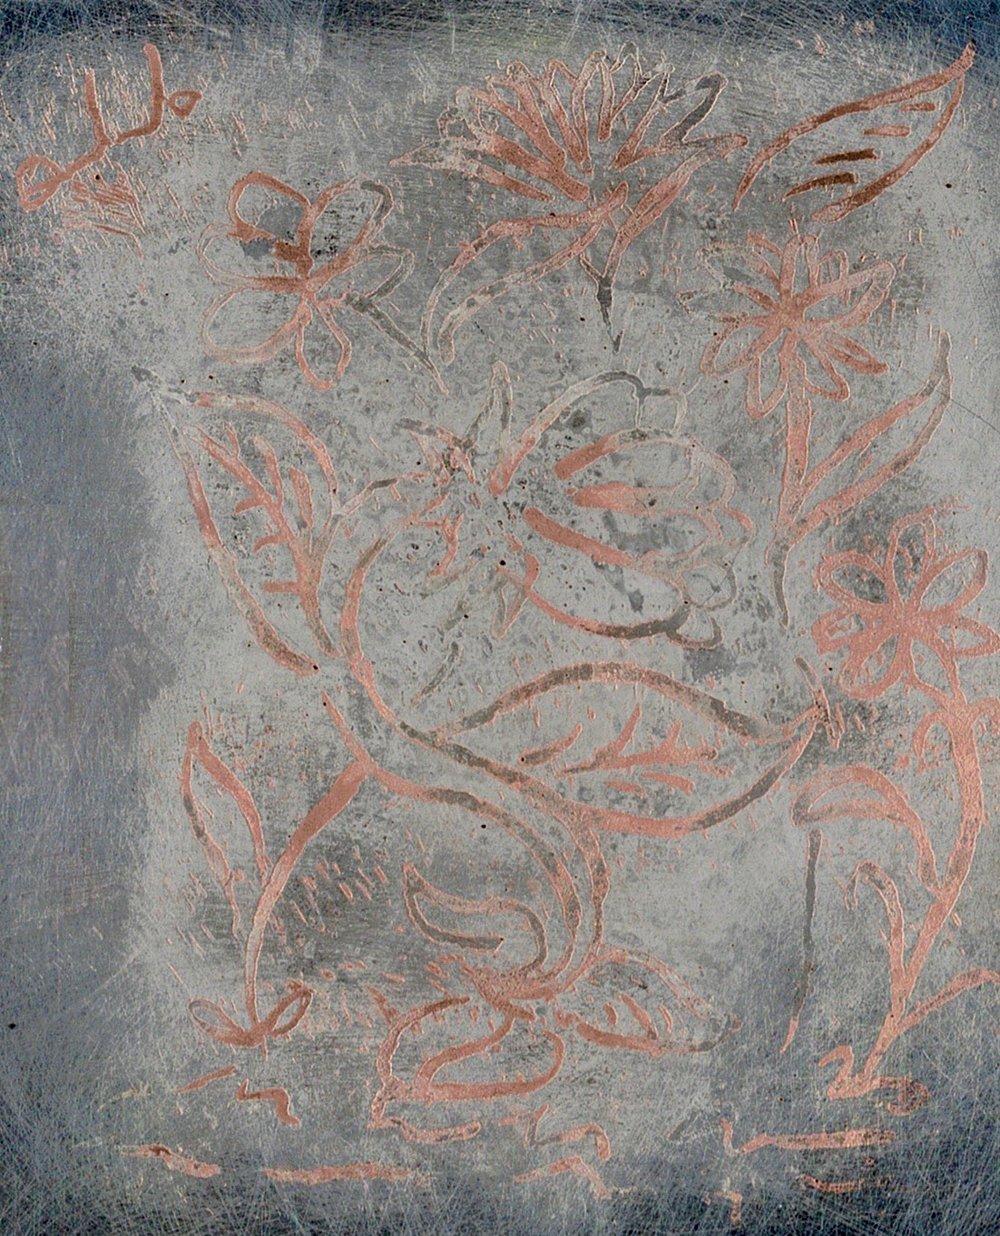 acid etch 2 (1).jpg